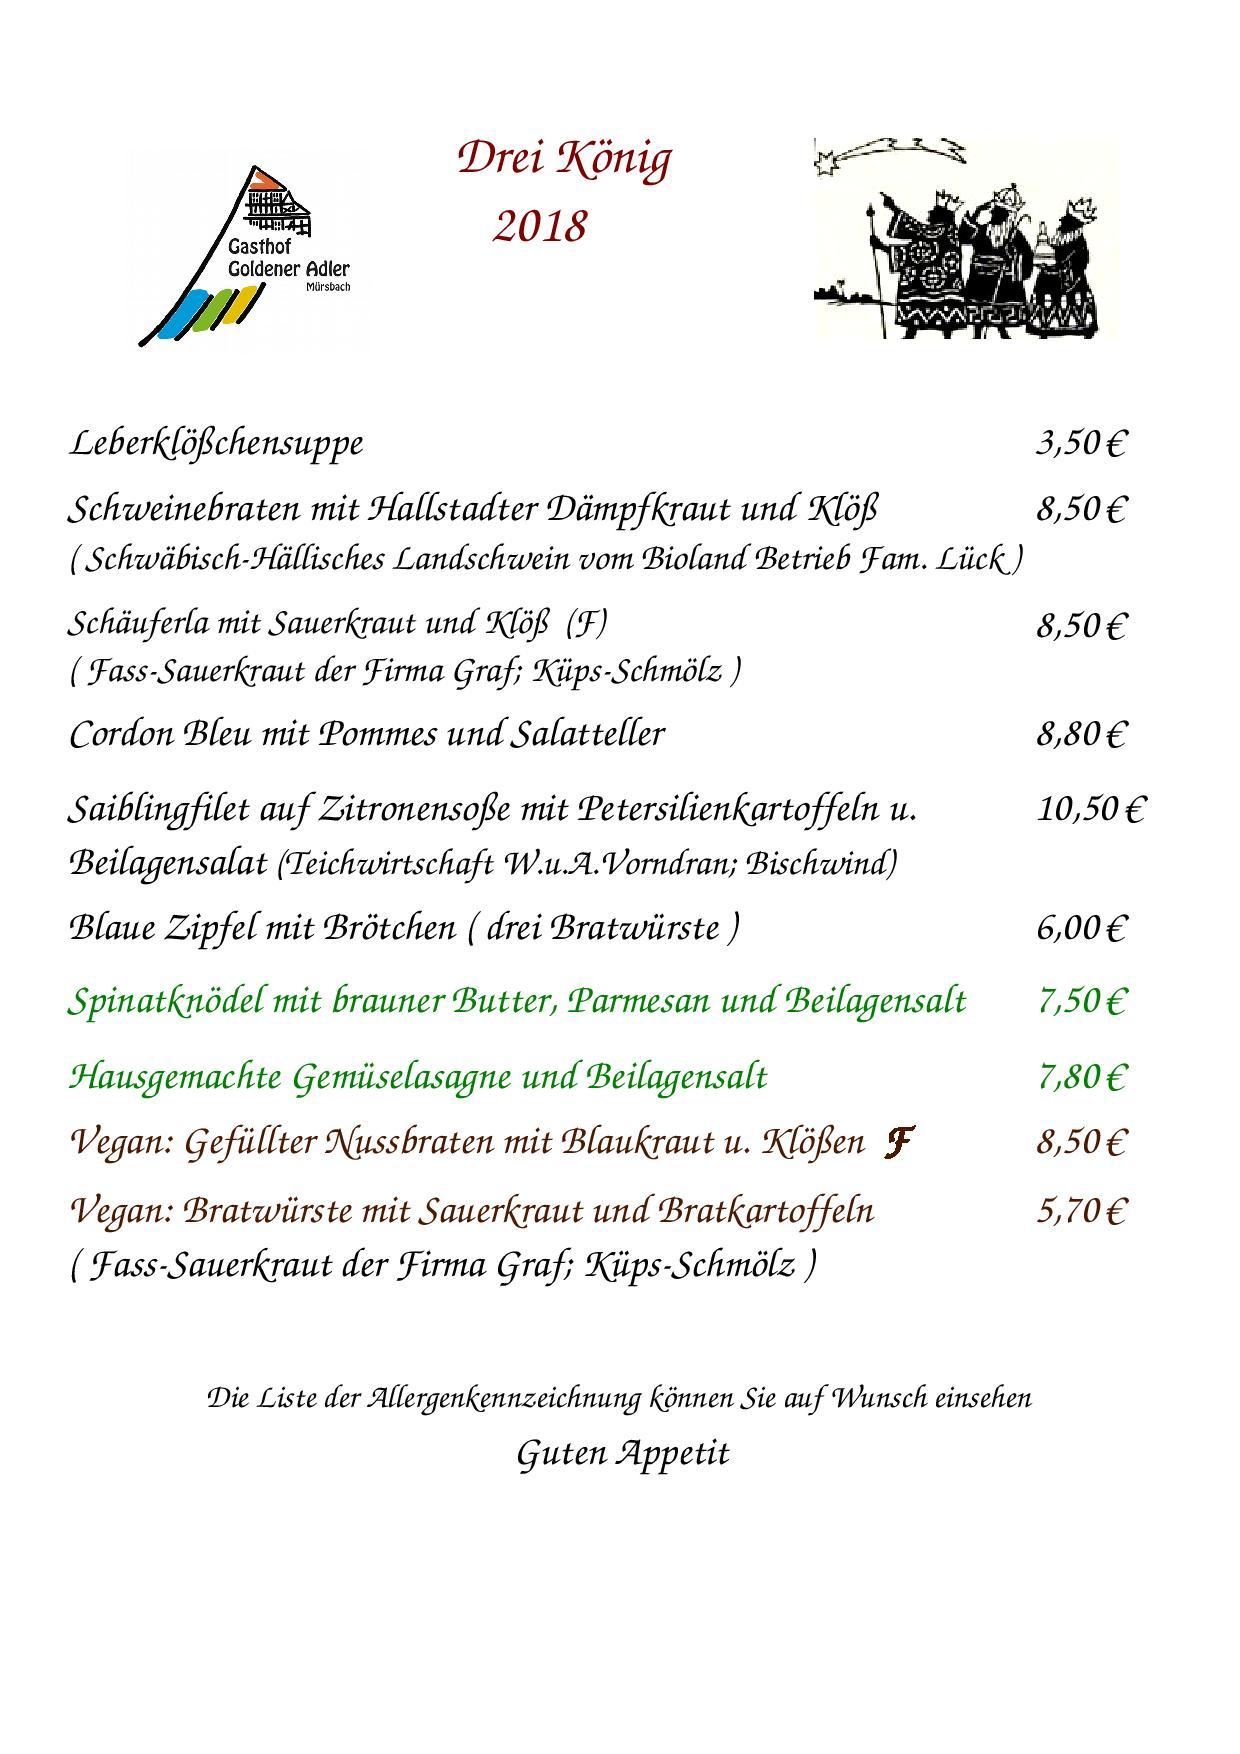 Speisekarte von Dreikönig 2018